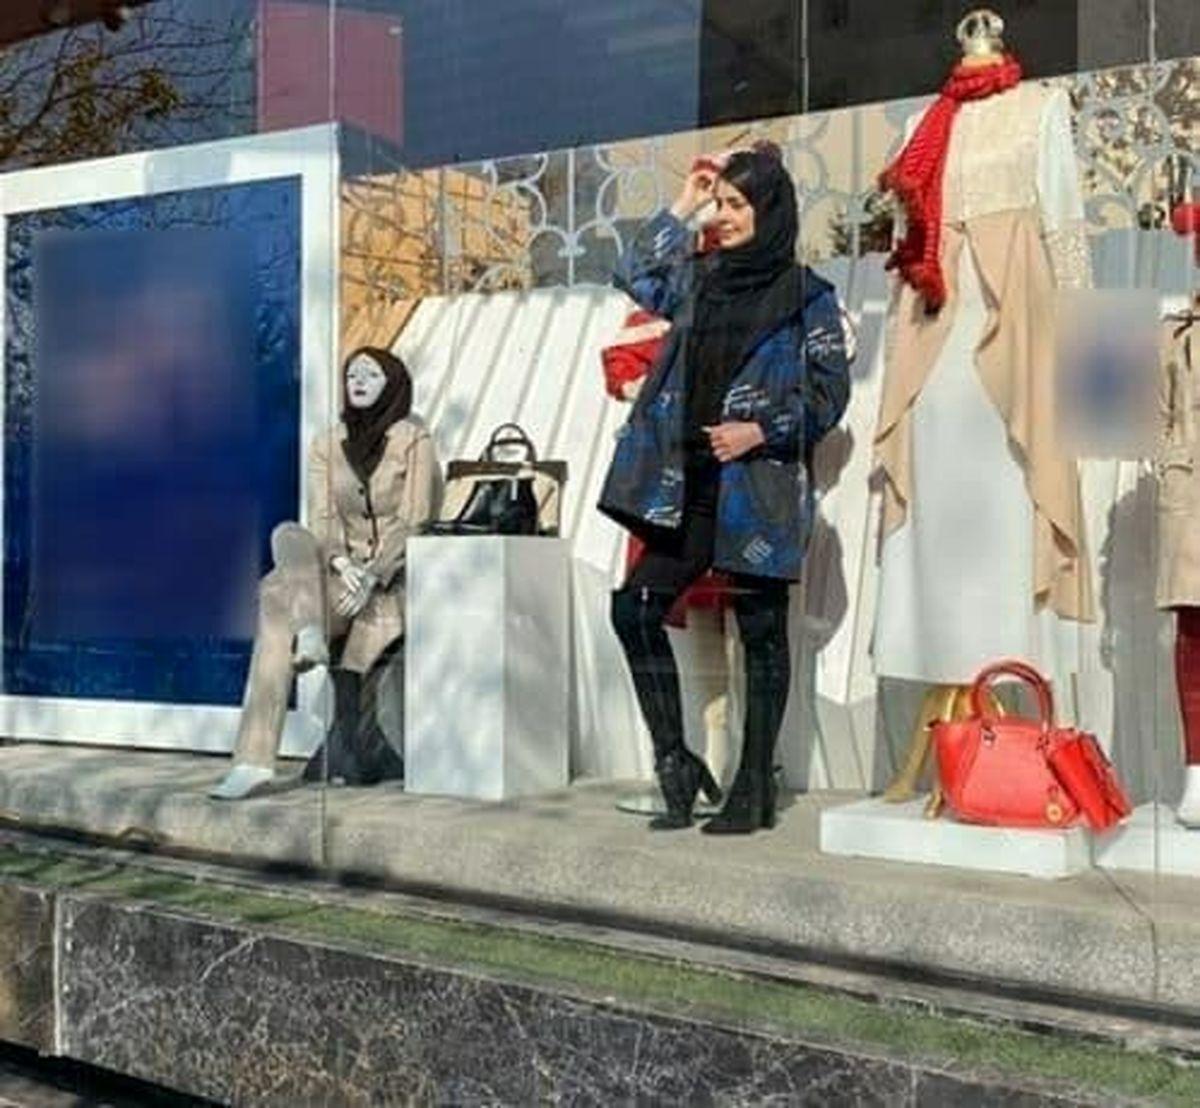 دختر مانکن در ویترین یک مغازه در مشهد غوغا به پاکرد + عکس